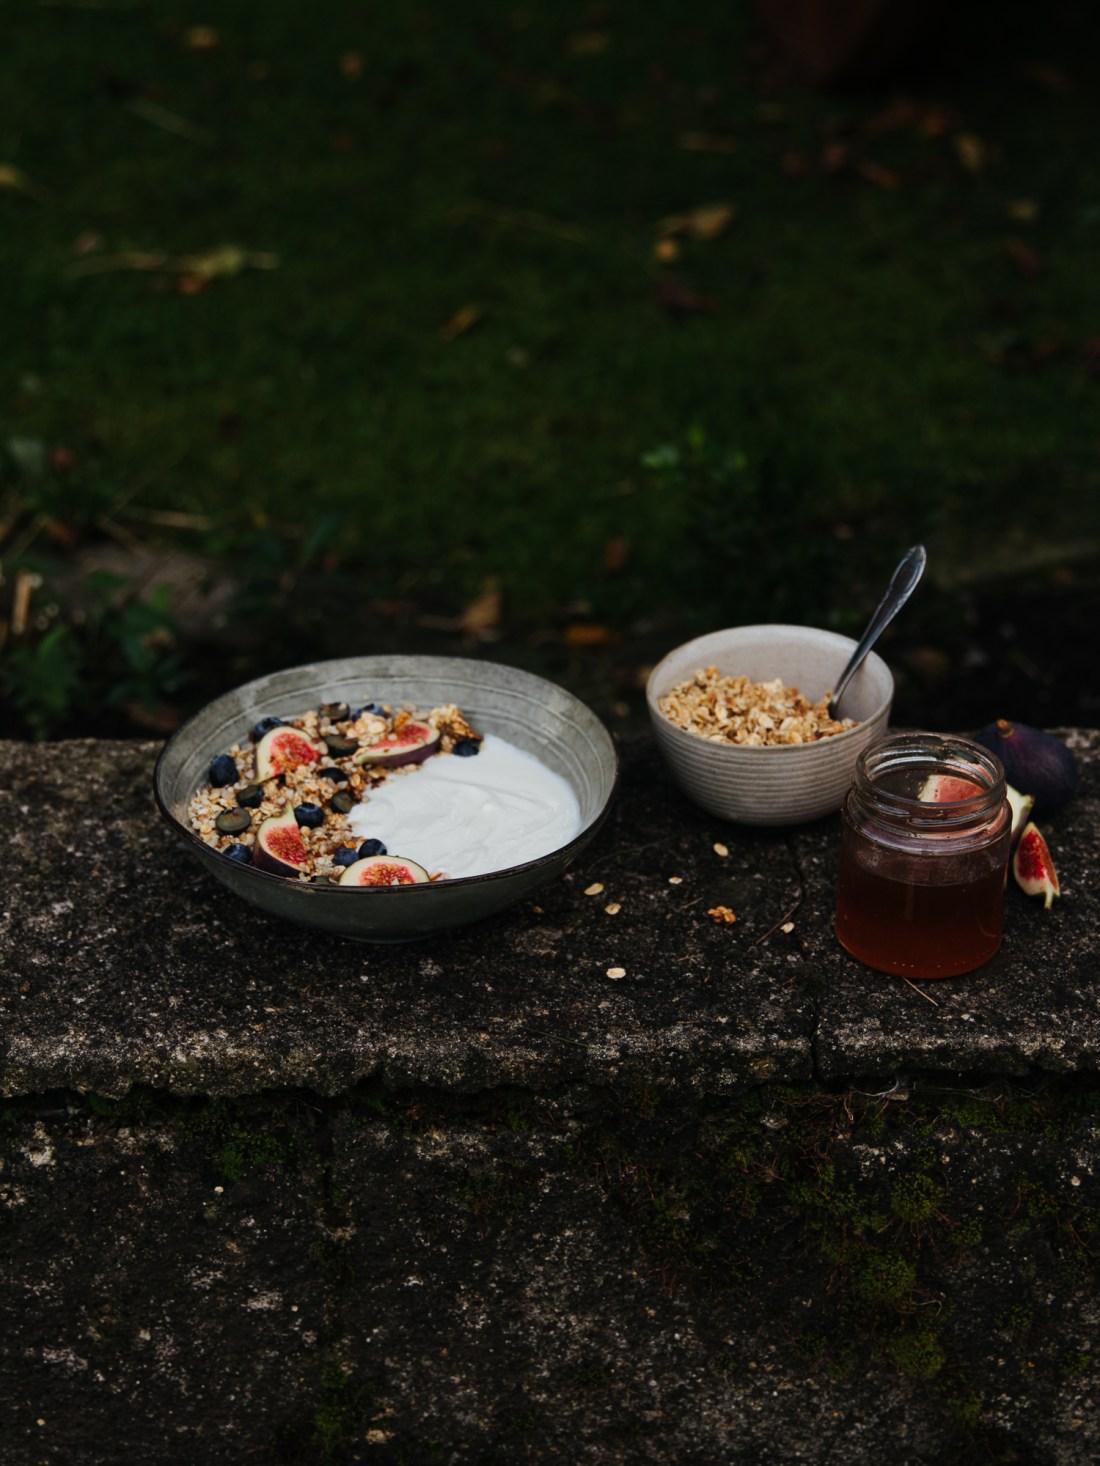 vollmundig | Granola mit frischen Feigen auf der Mauer